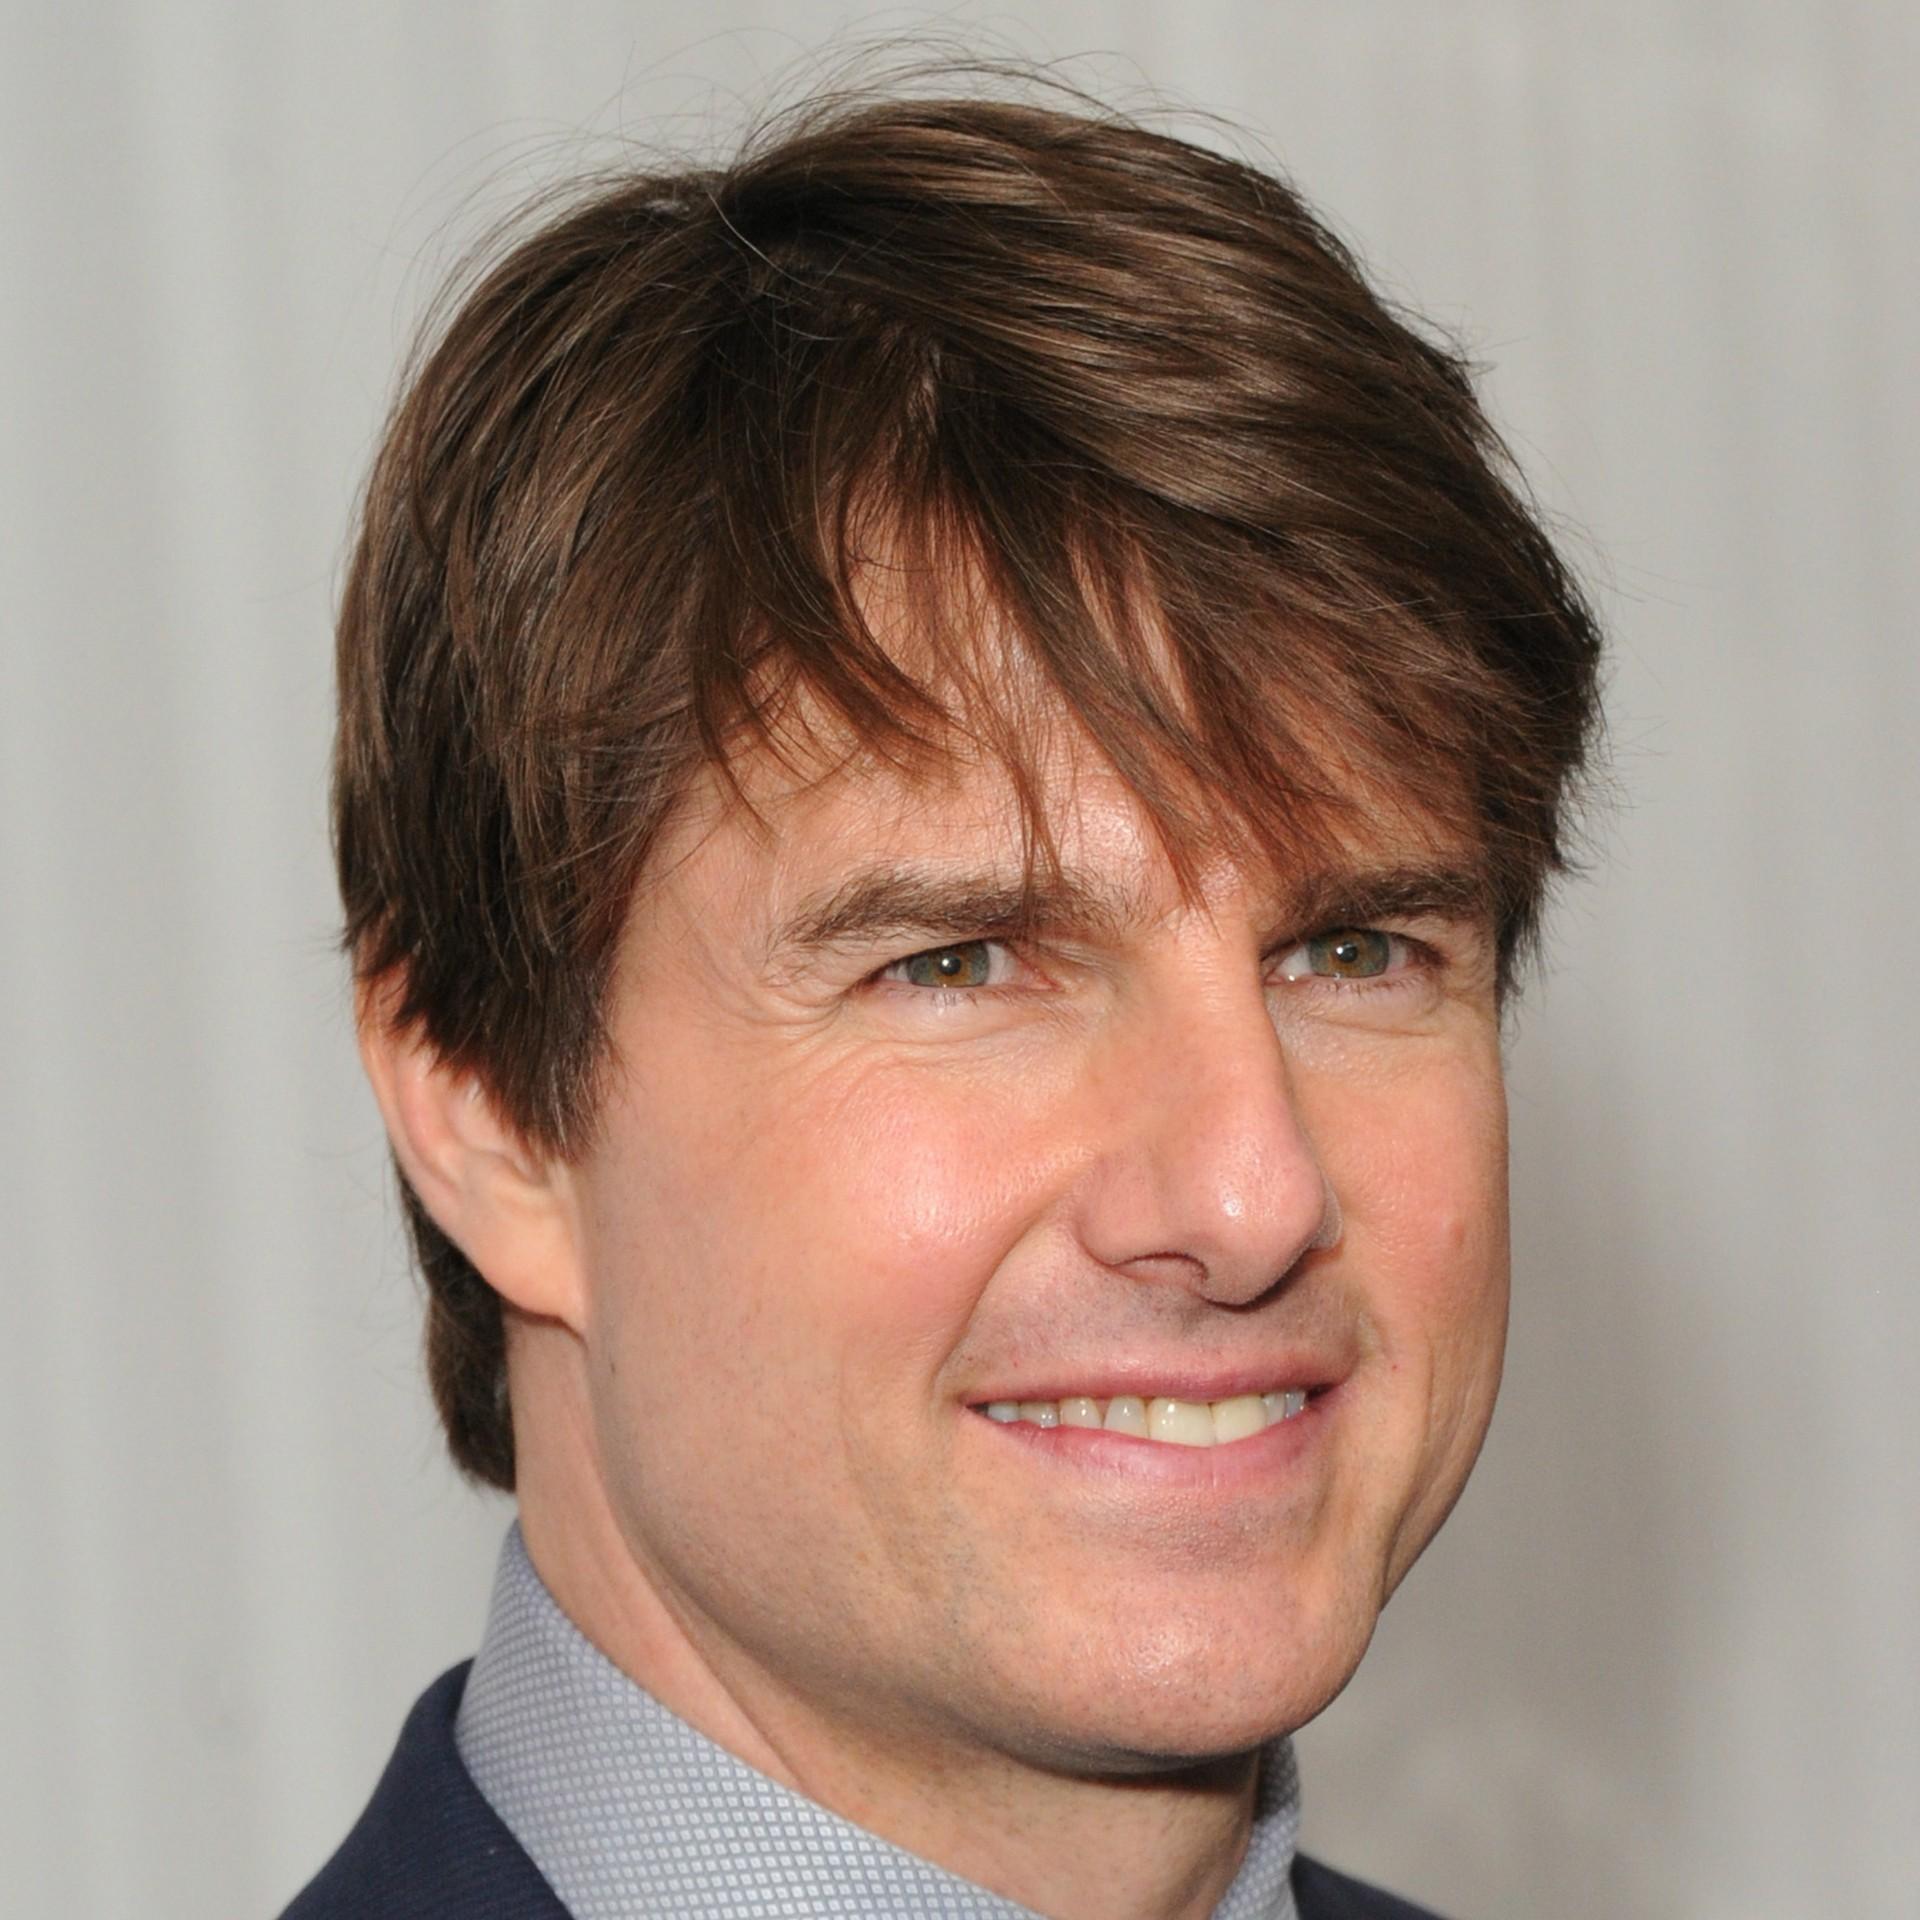 """Já o galã cinquentão Tom Cruise (foto) fez quase o oposto em 2010:  demitiu seu agente para dar o cargo a uma irmã. Ela só aguentou o tranco por oito meses e pediu as contas, ou seja, """"demitiu"""" o patrão-irmão. (Foto: Getty Images)"""